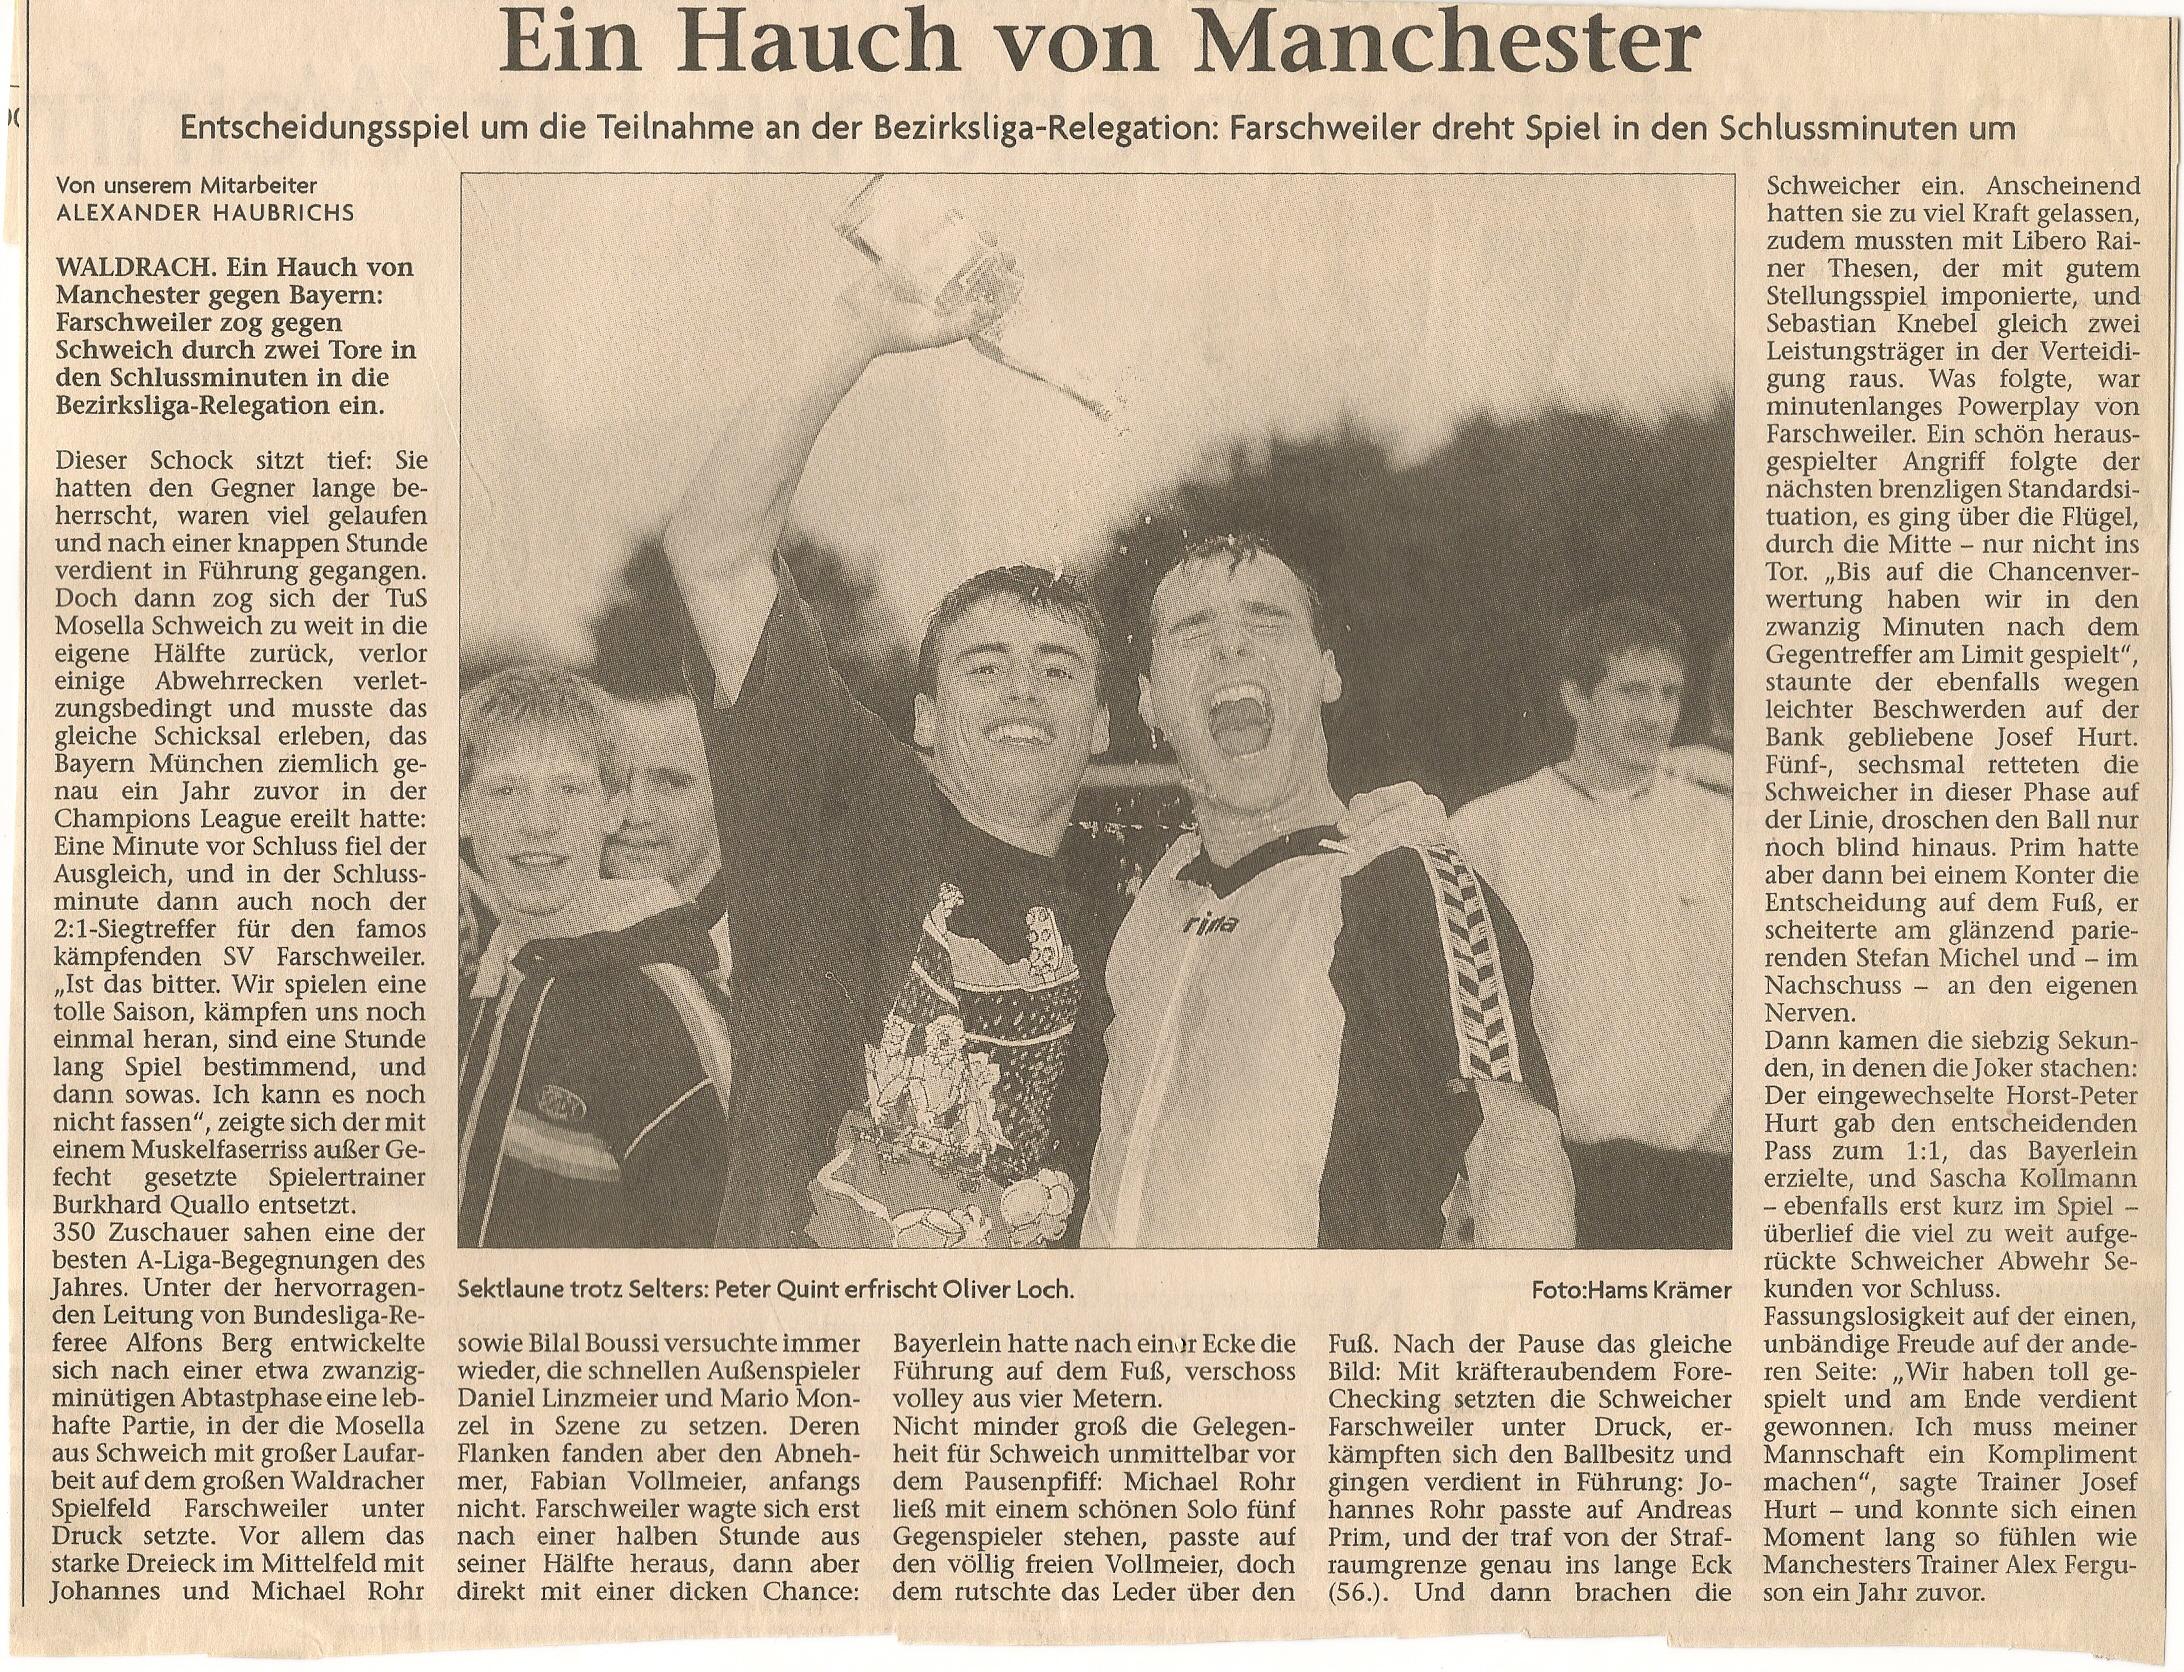 Ein Hauch von Manchester SV Farschweiler